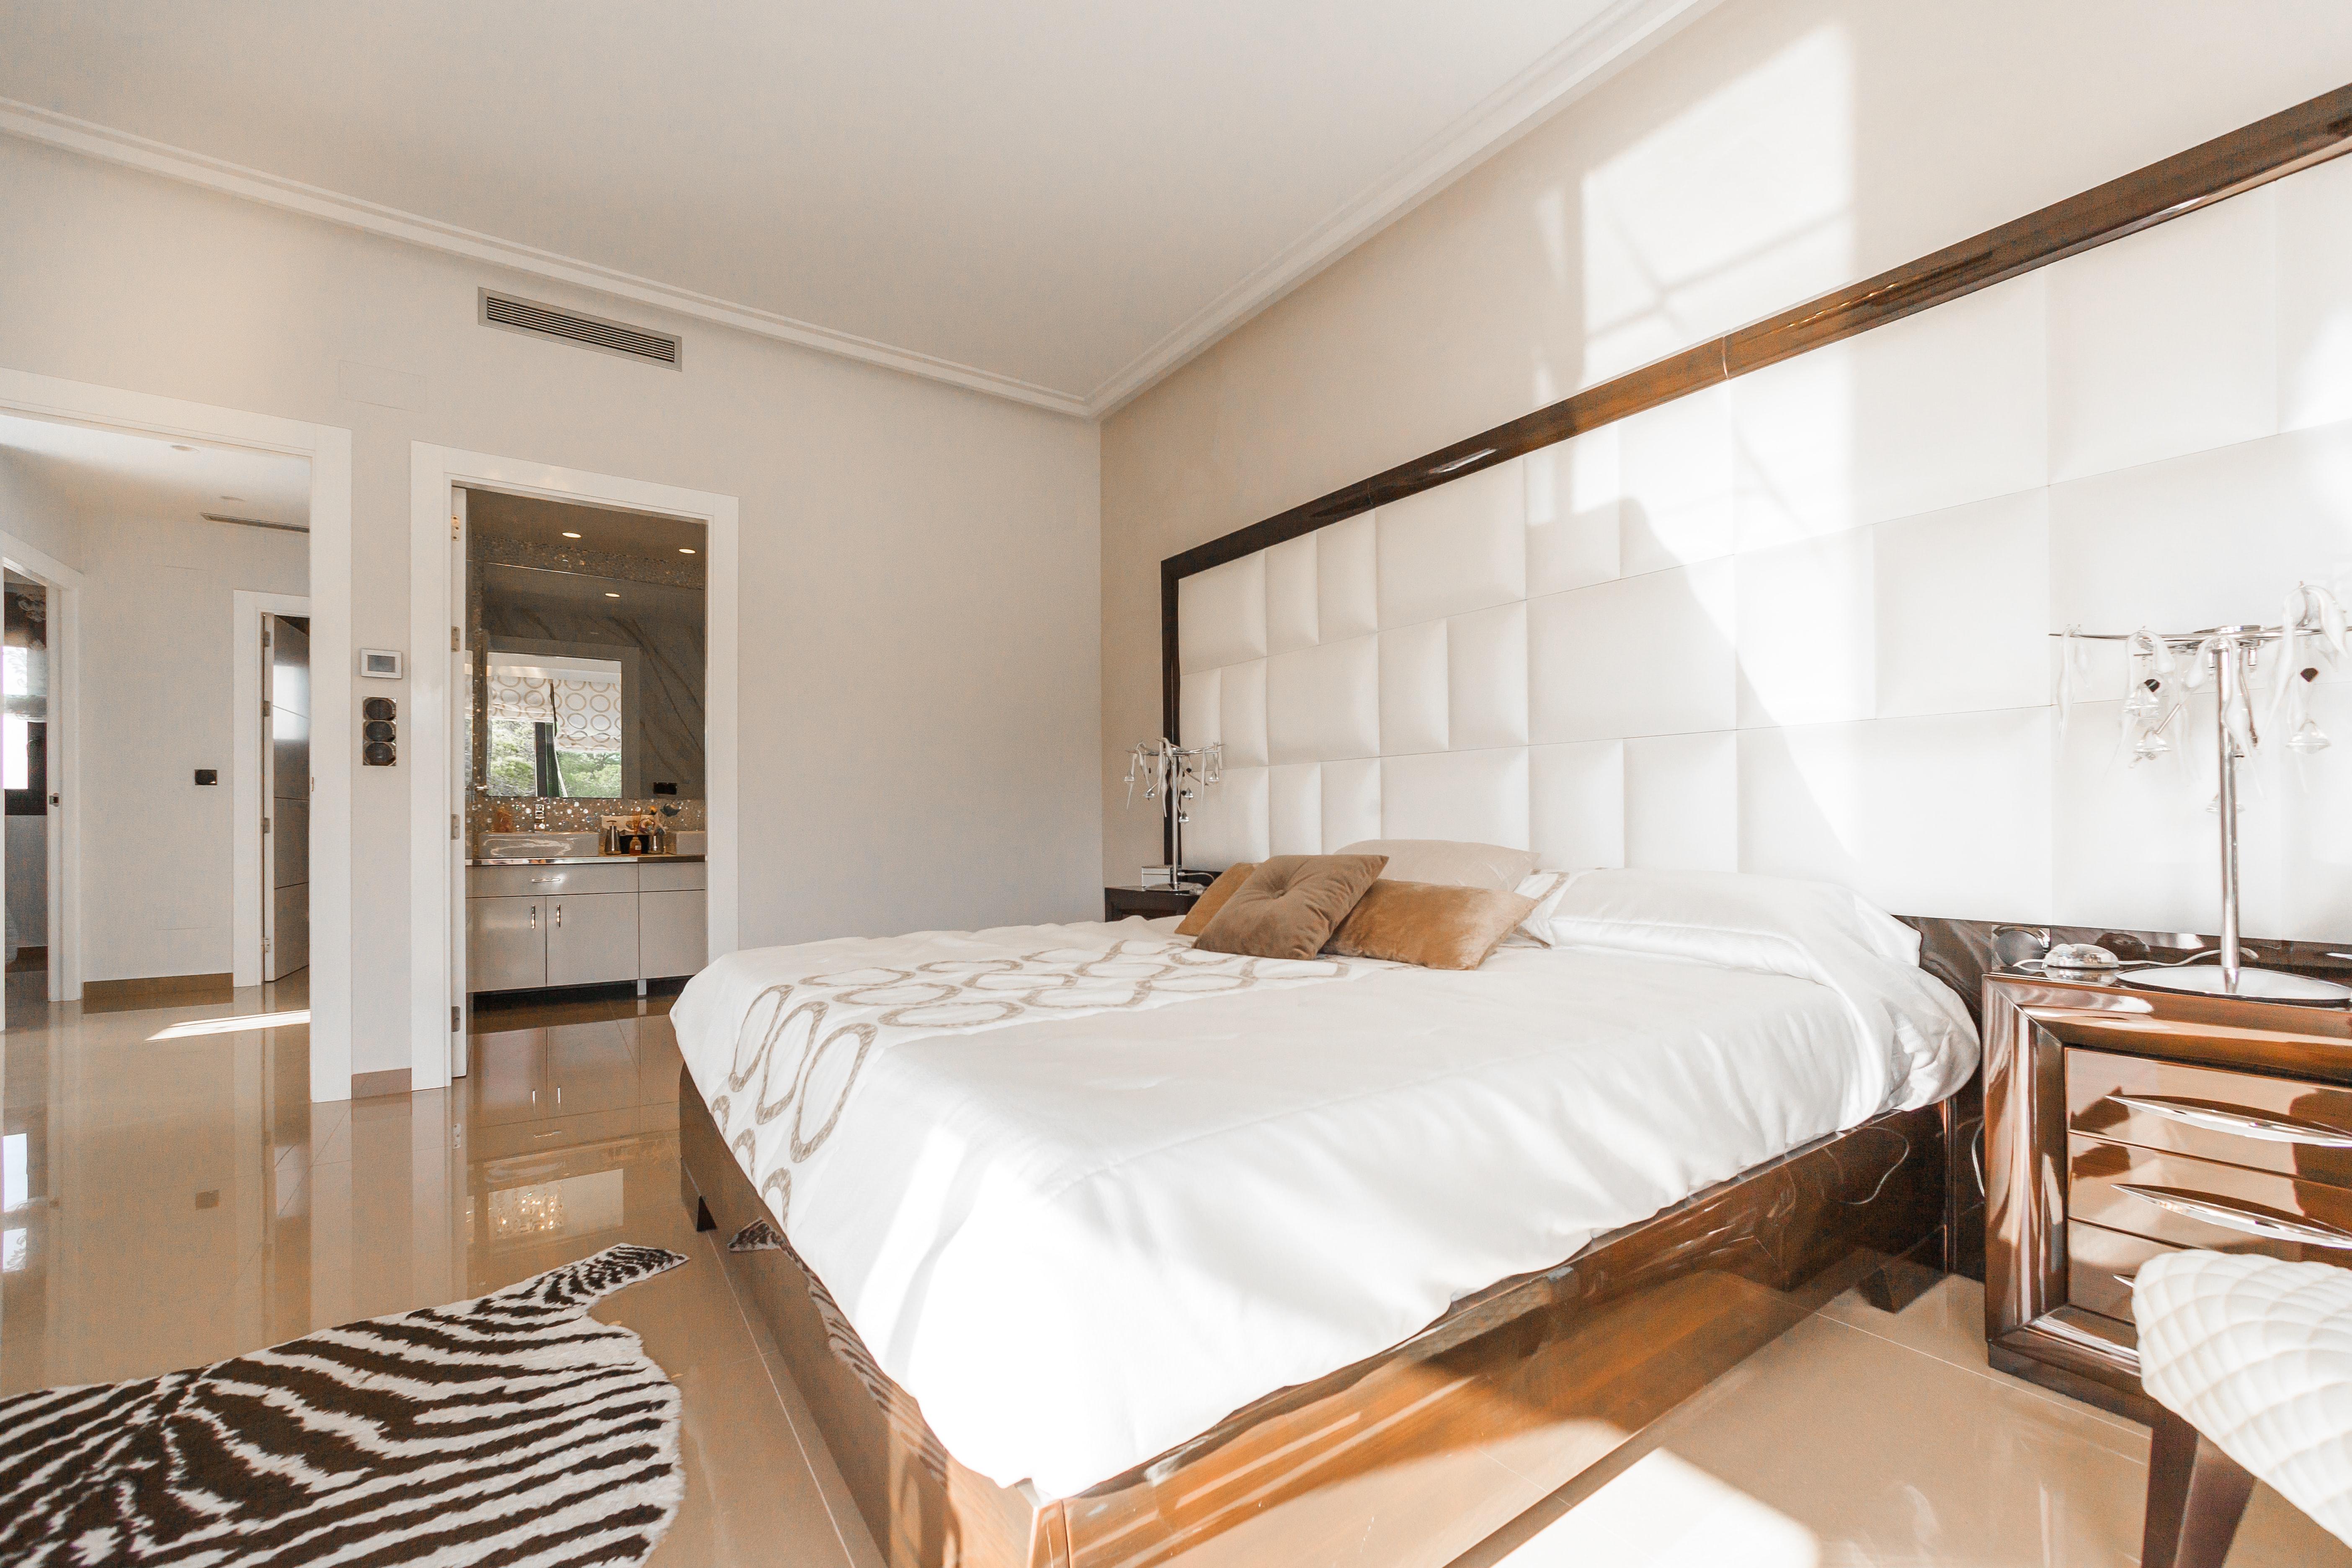 DIY ágyak – Egyedi, mutatós, mégis költséghatékony fekhelyek bármilyen hálóba